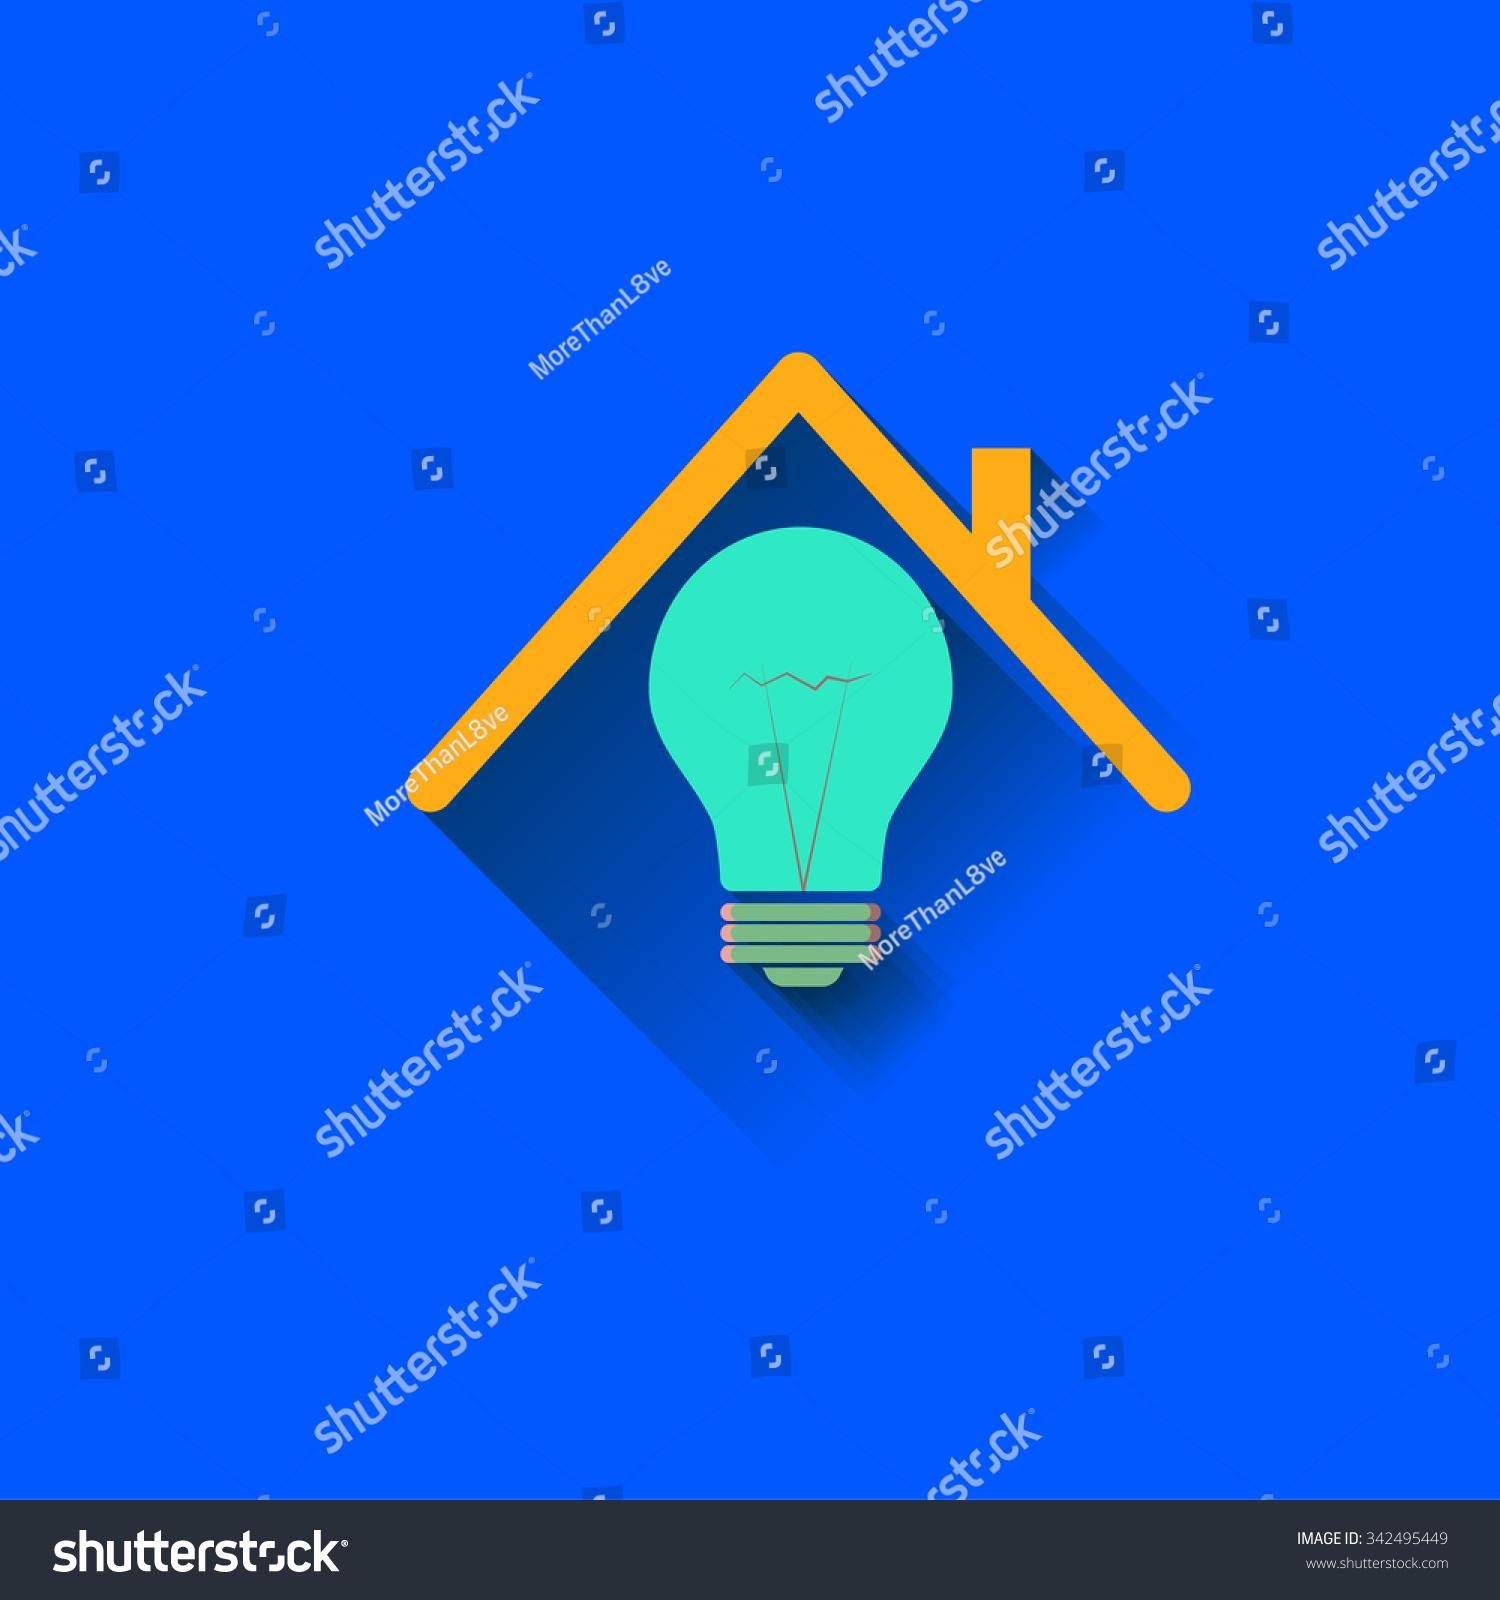 Ausgezeichnet Electricity Home Galerie - Der Schaltplan - triangre.info